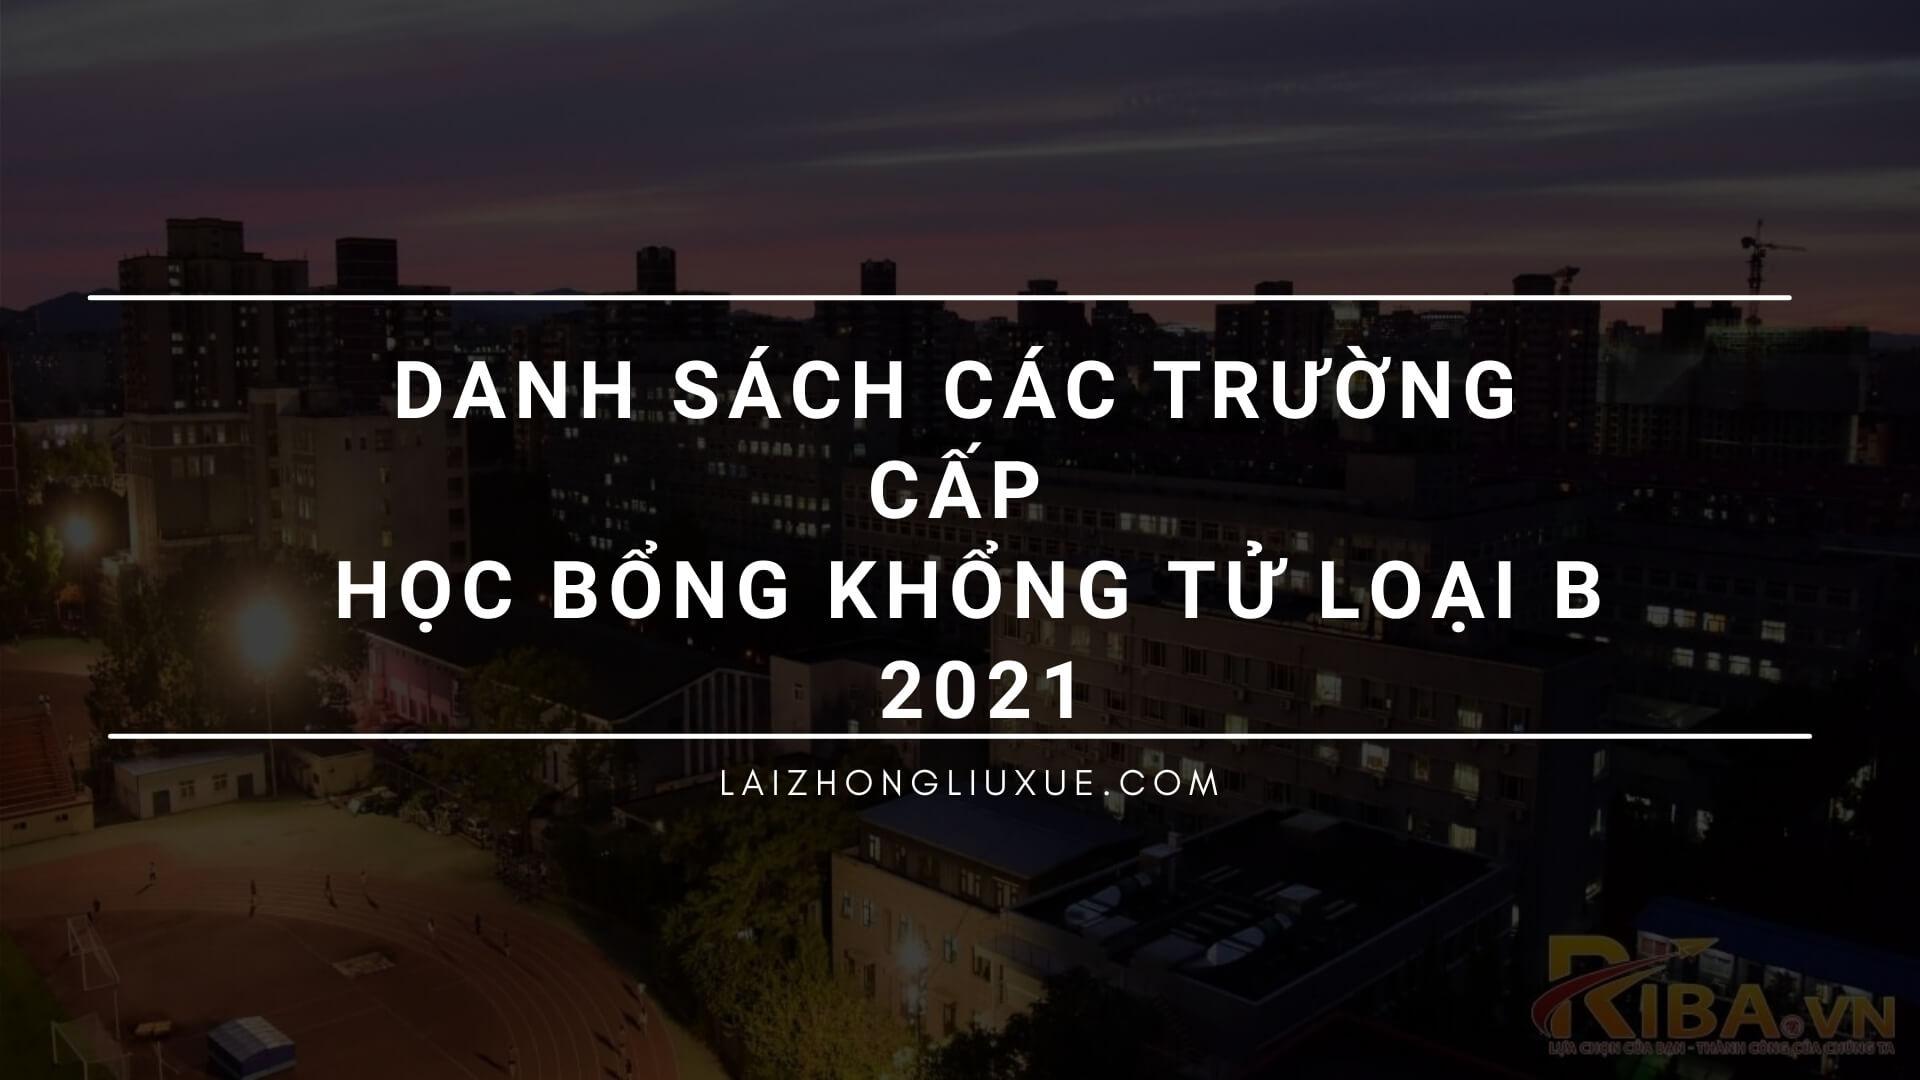 Danh sách các trường có học bổng Khổng Tử loại B năm 2021